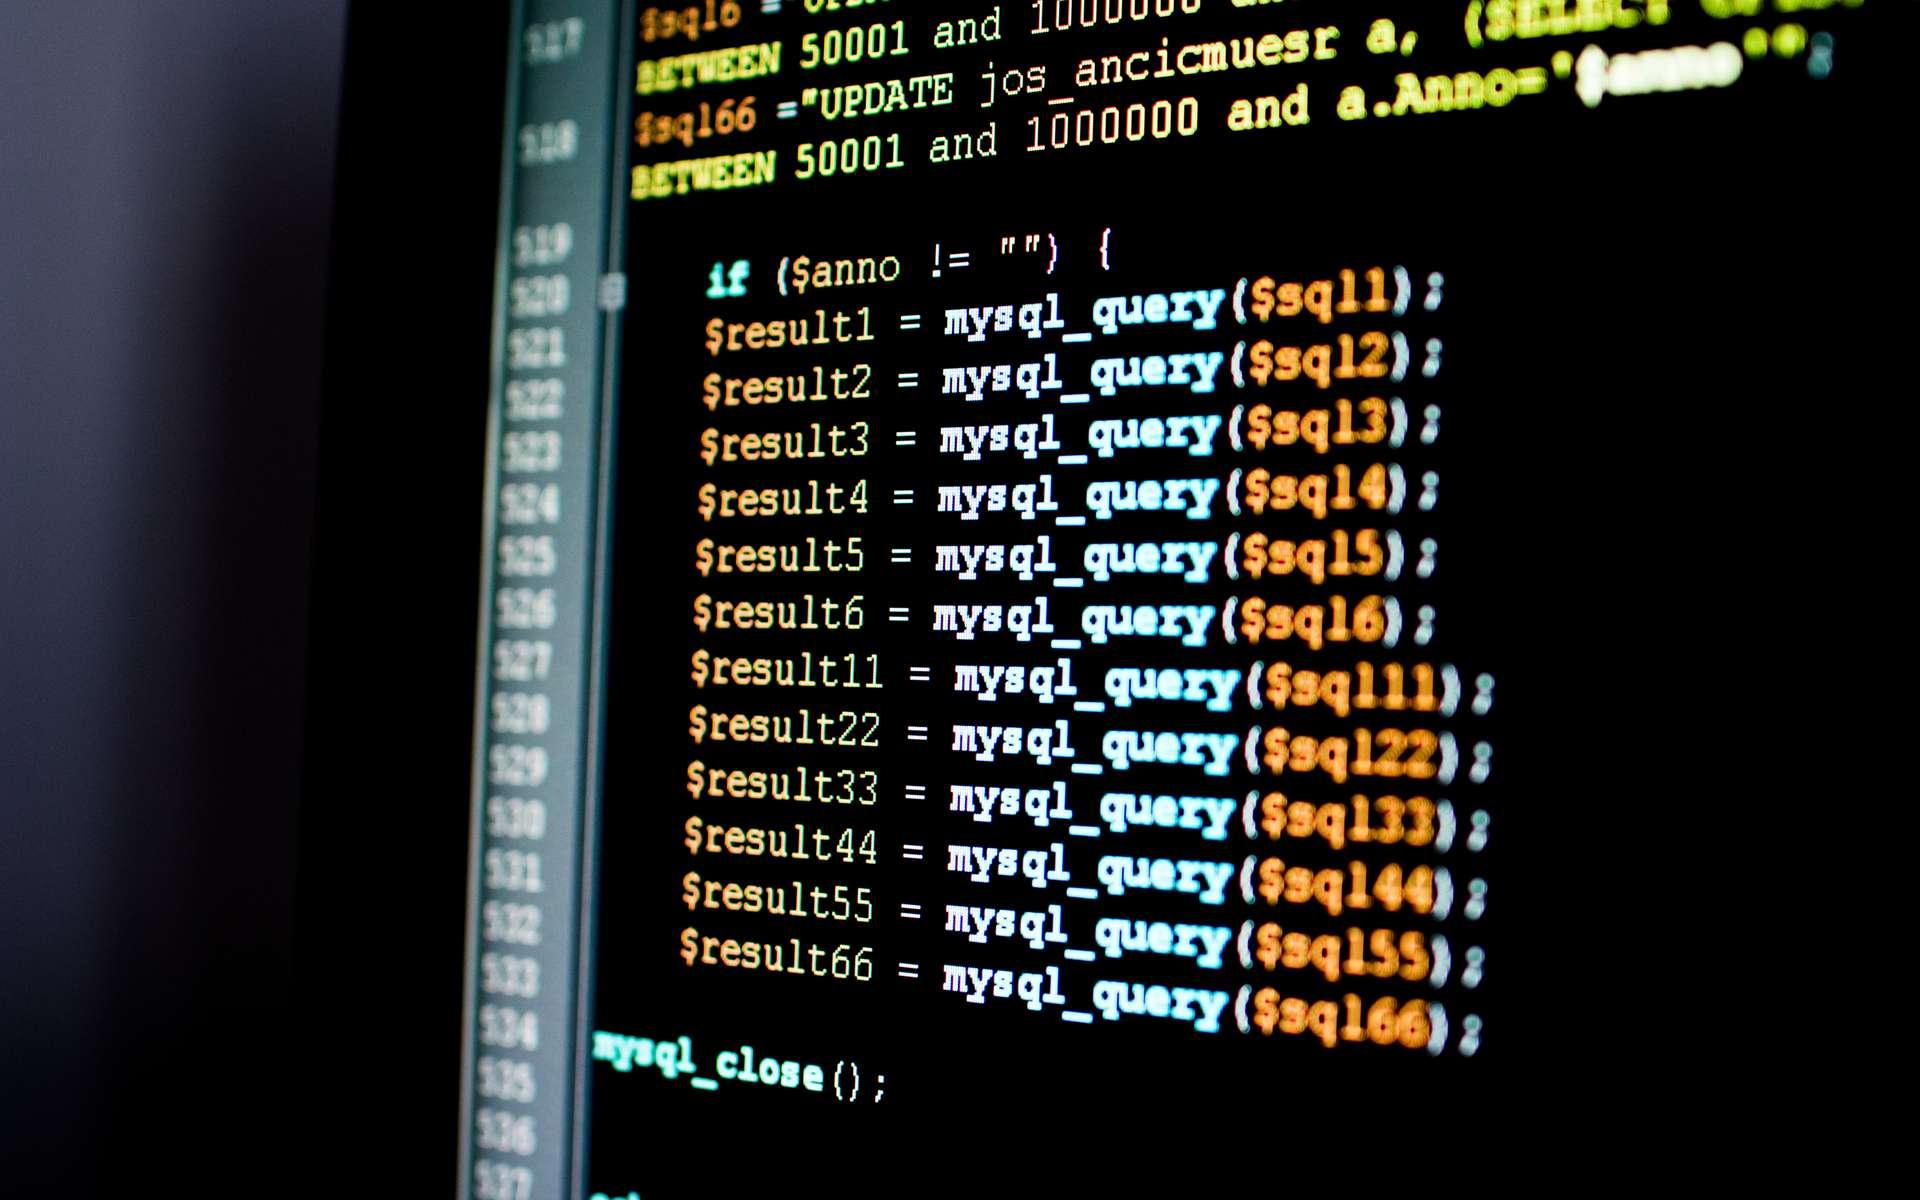 Bénéficiez d'une réduction sur la formation SQL Server © PAOLO, Adobe Stock